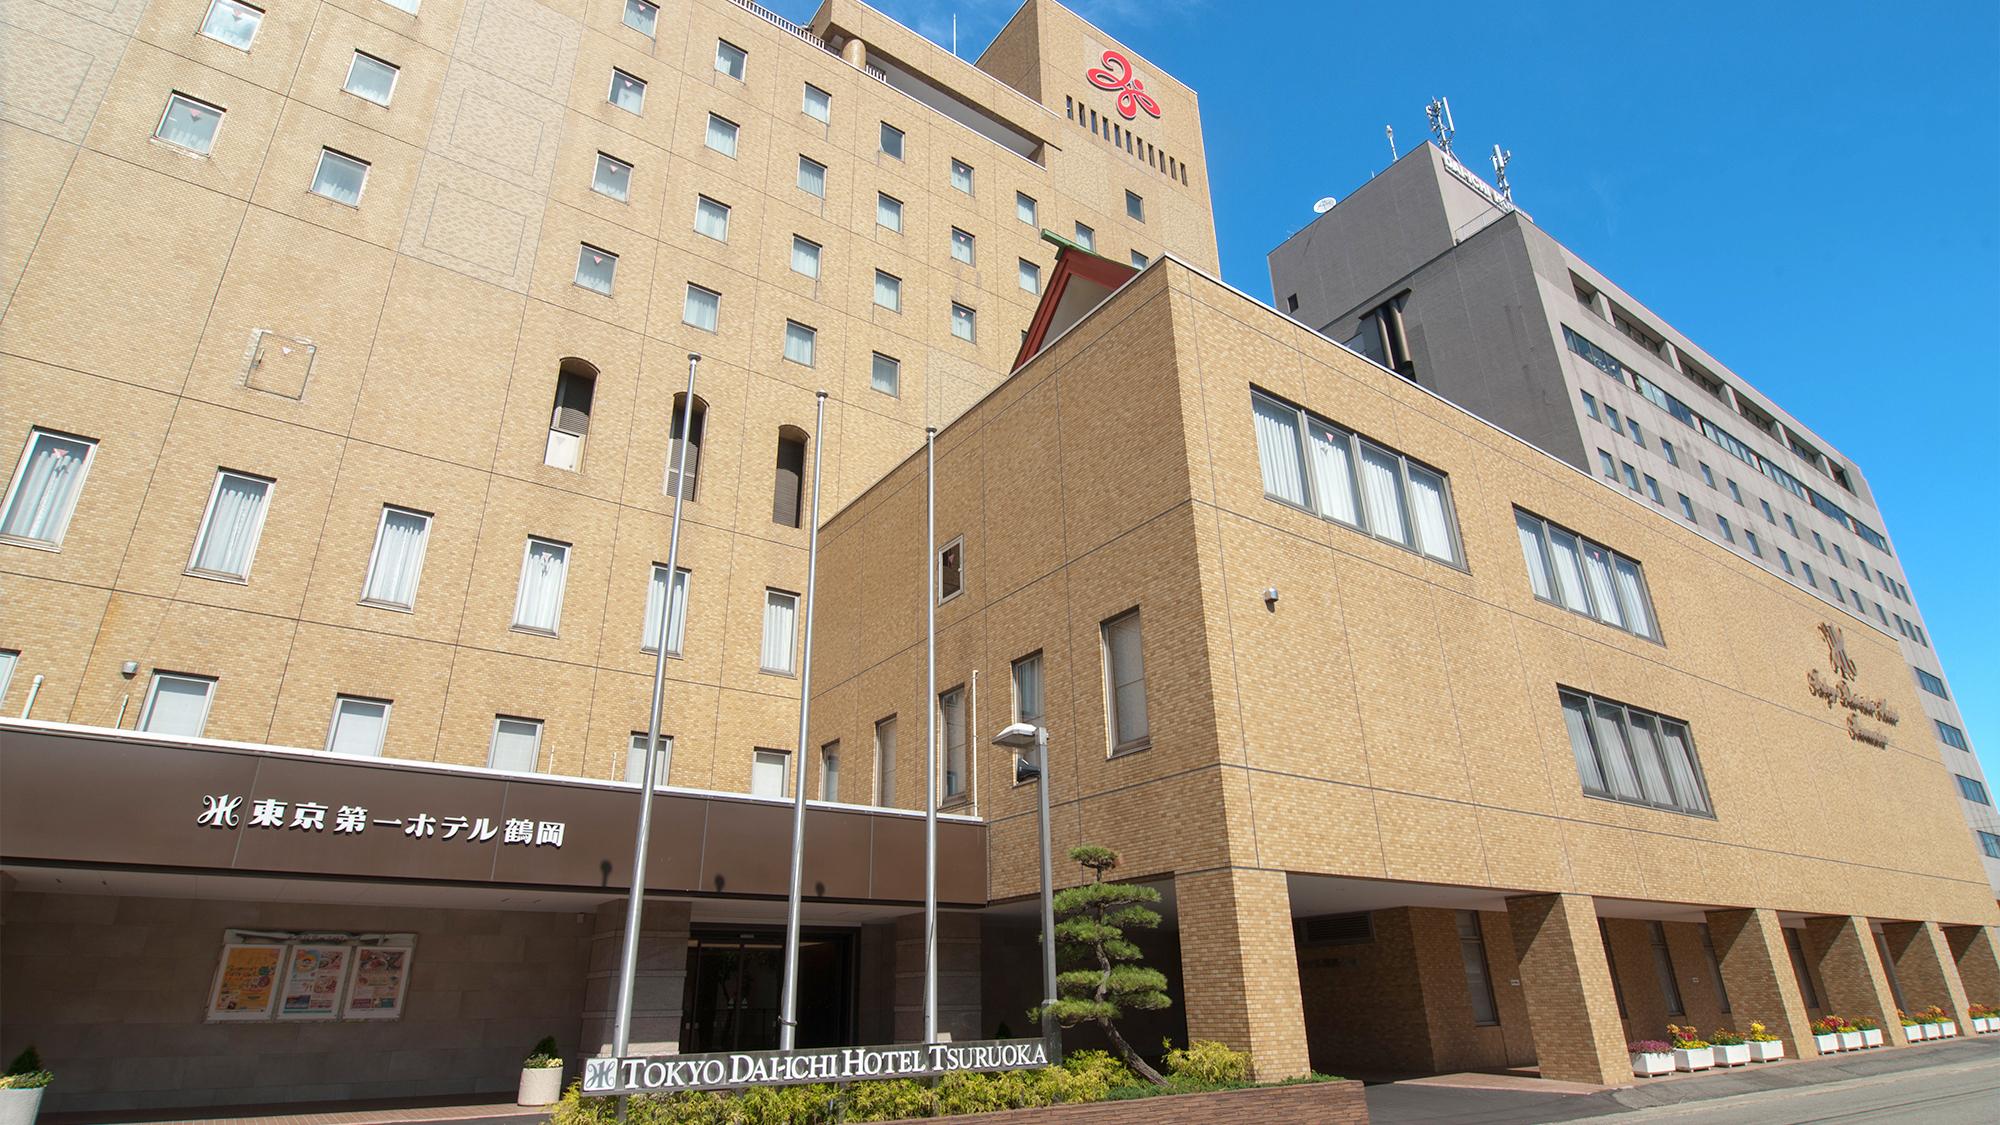 東京 第一ホテル 鶴岡◆楽天トラベル